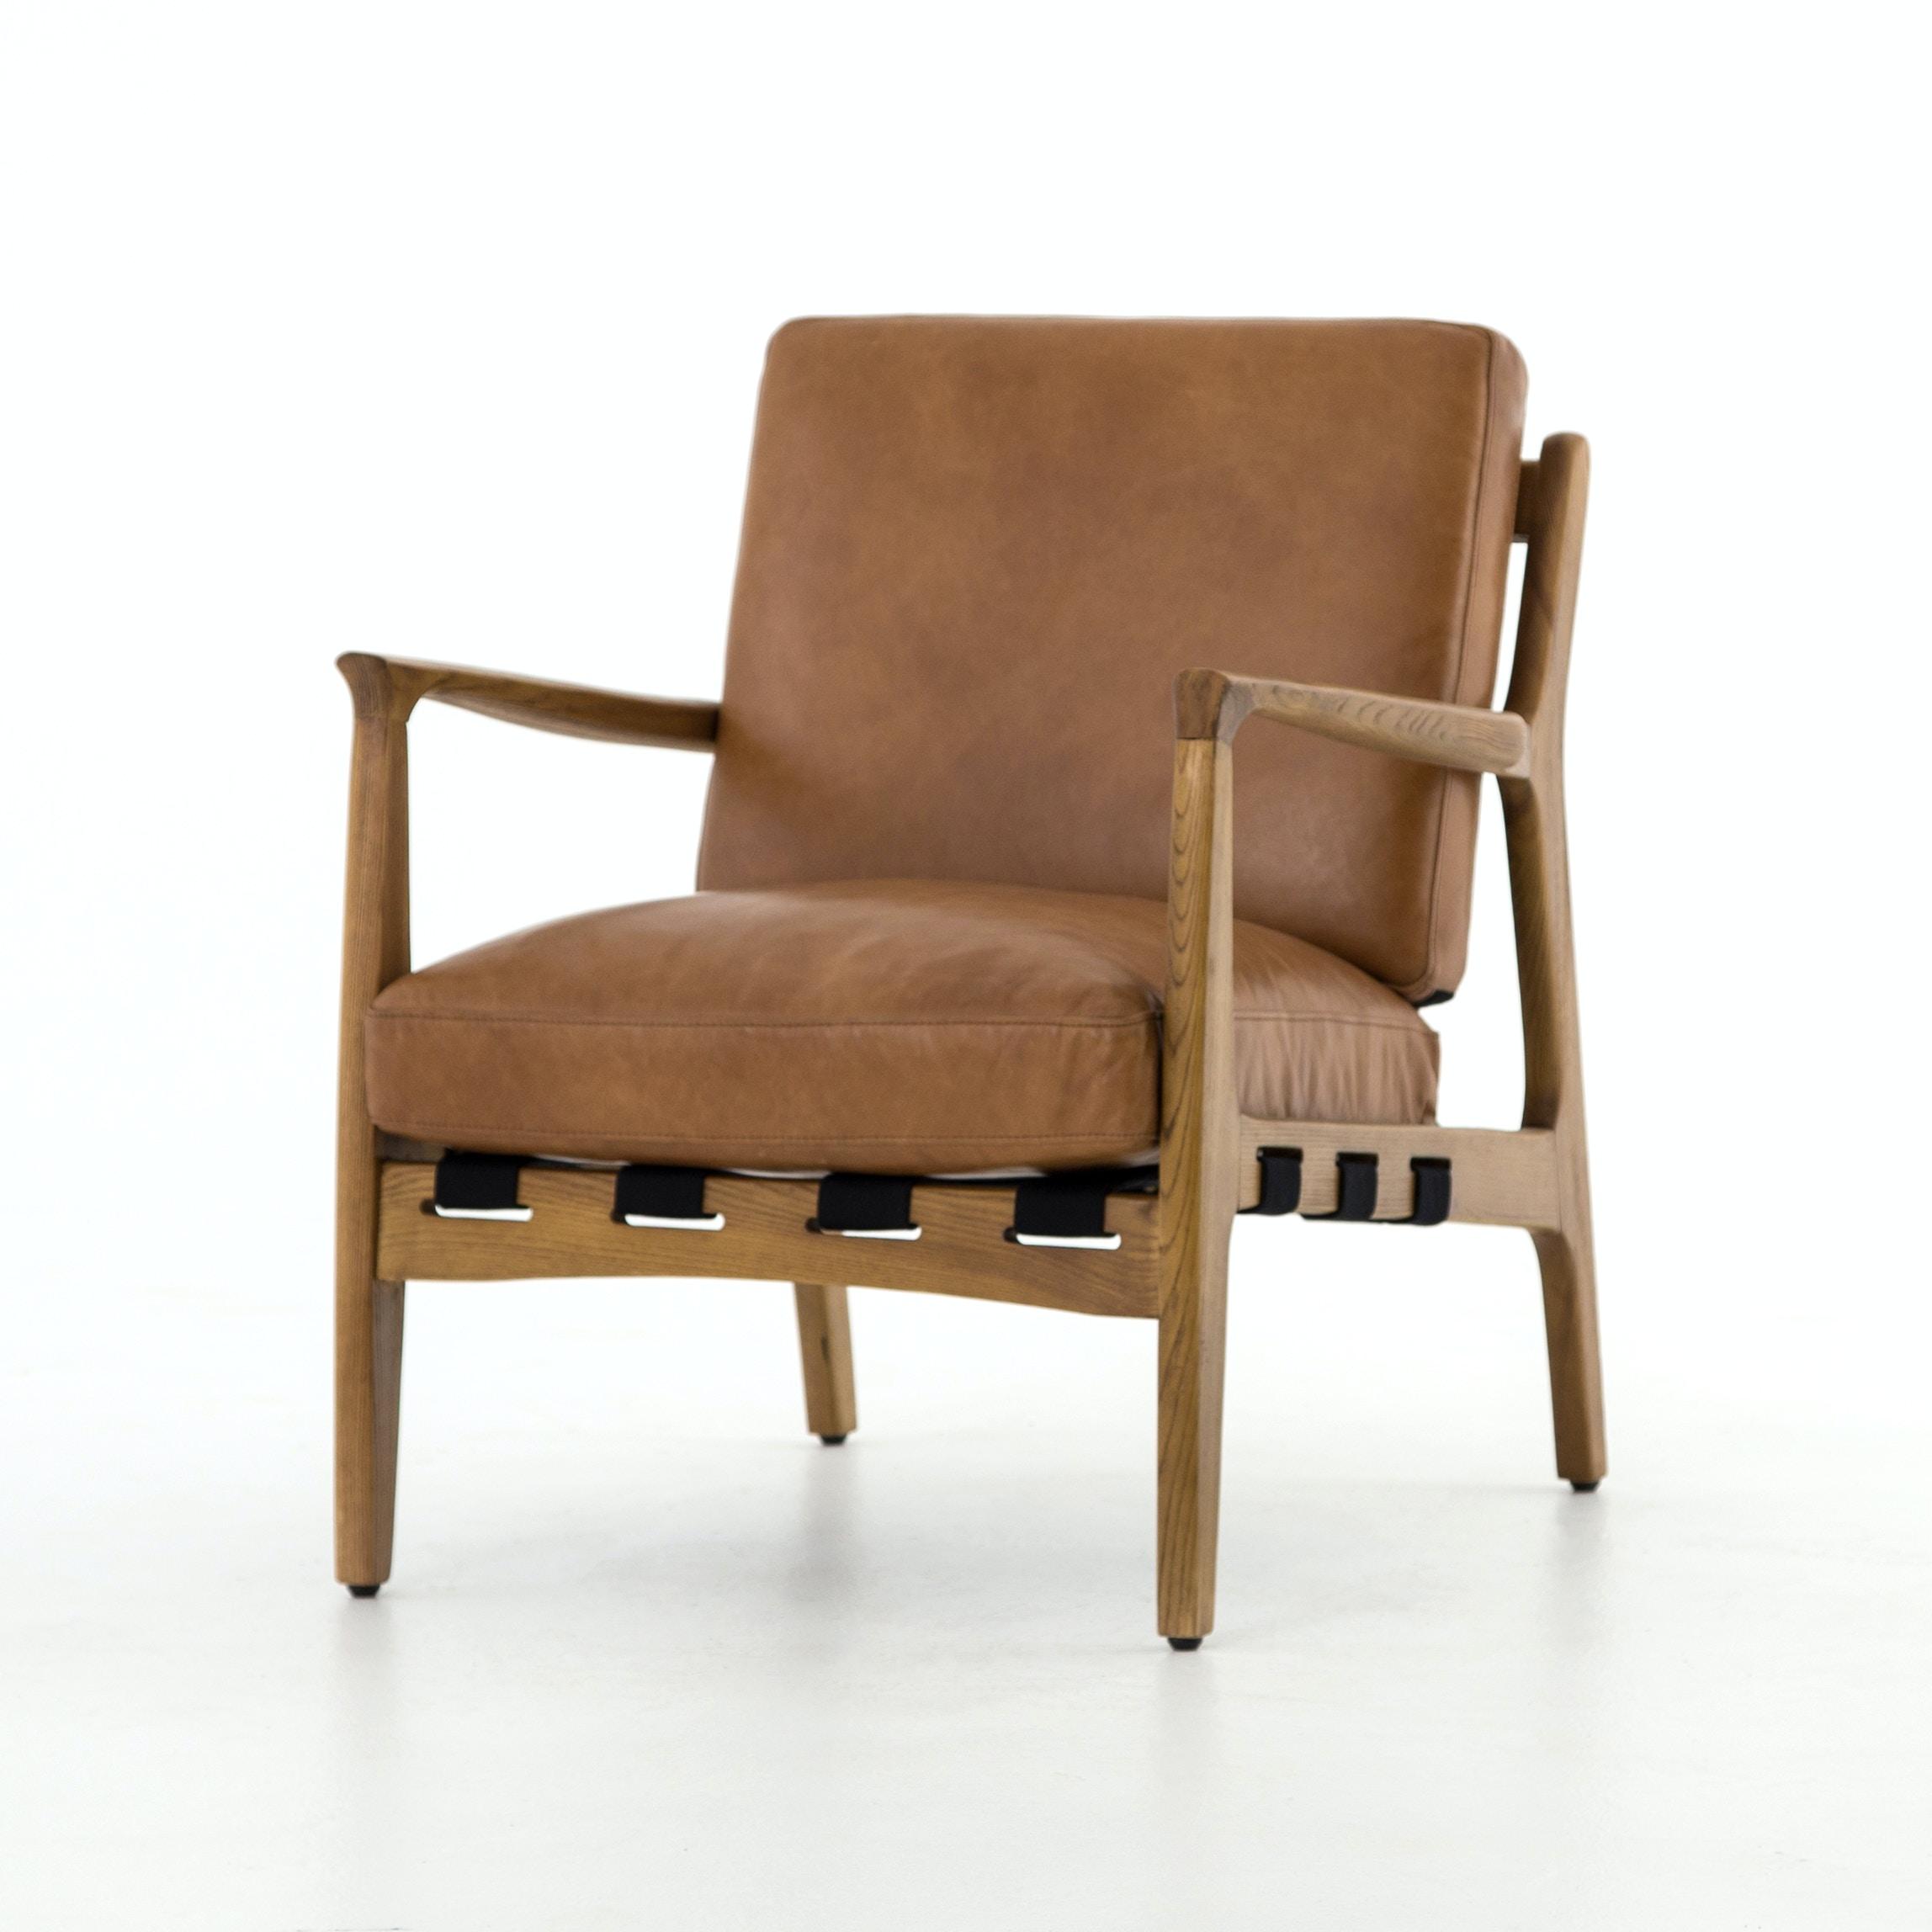 CBSH 004 102. Silas Chair